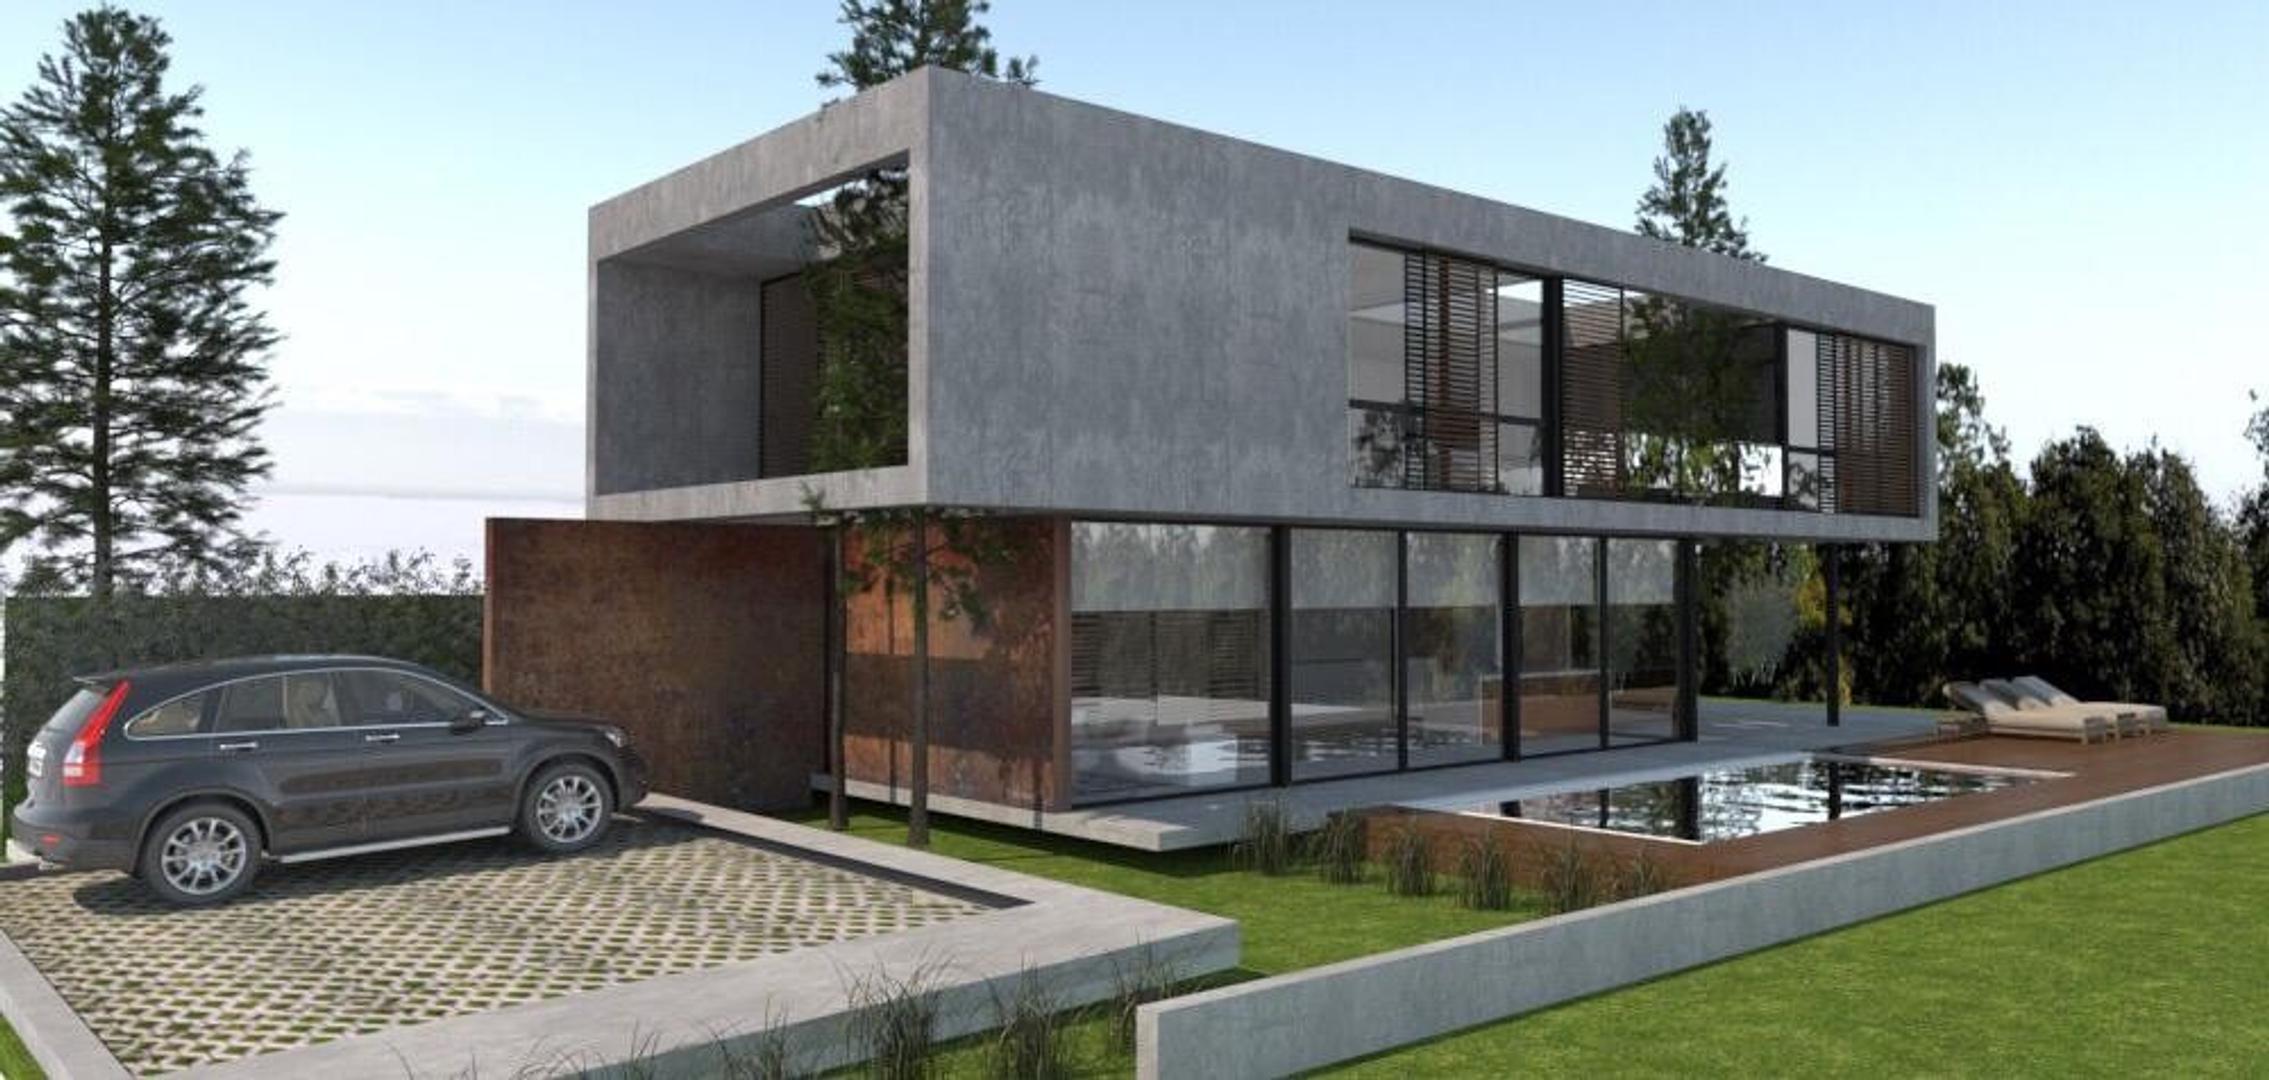 Casa a estrenar en el bosque Peralta Ramos de diseño y calidad superior.